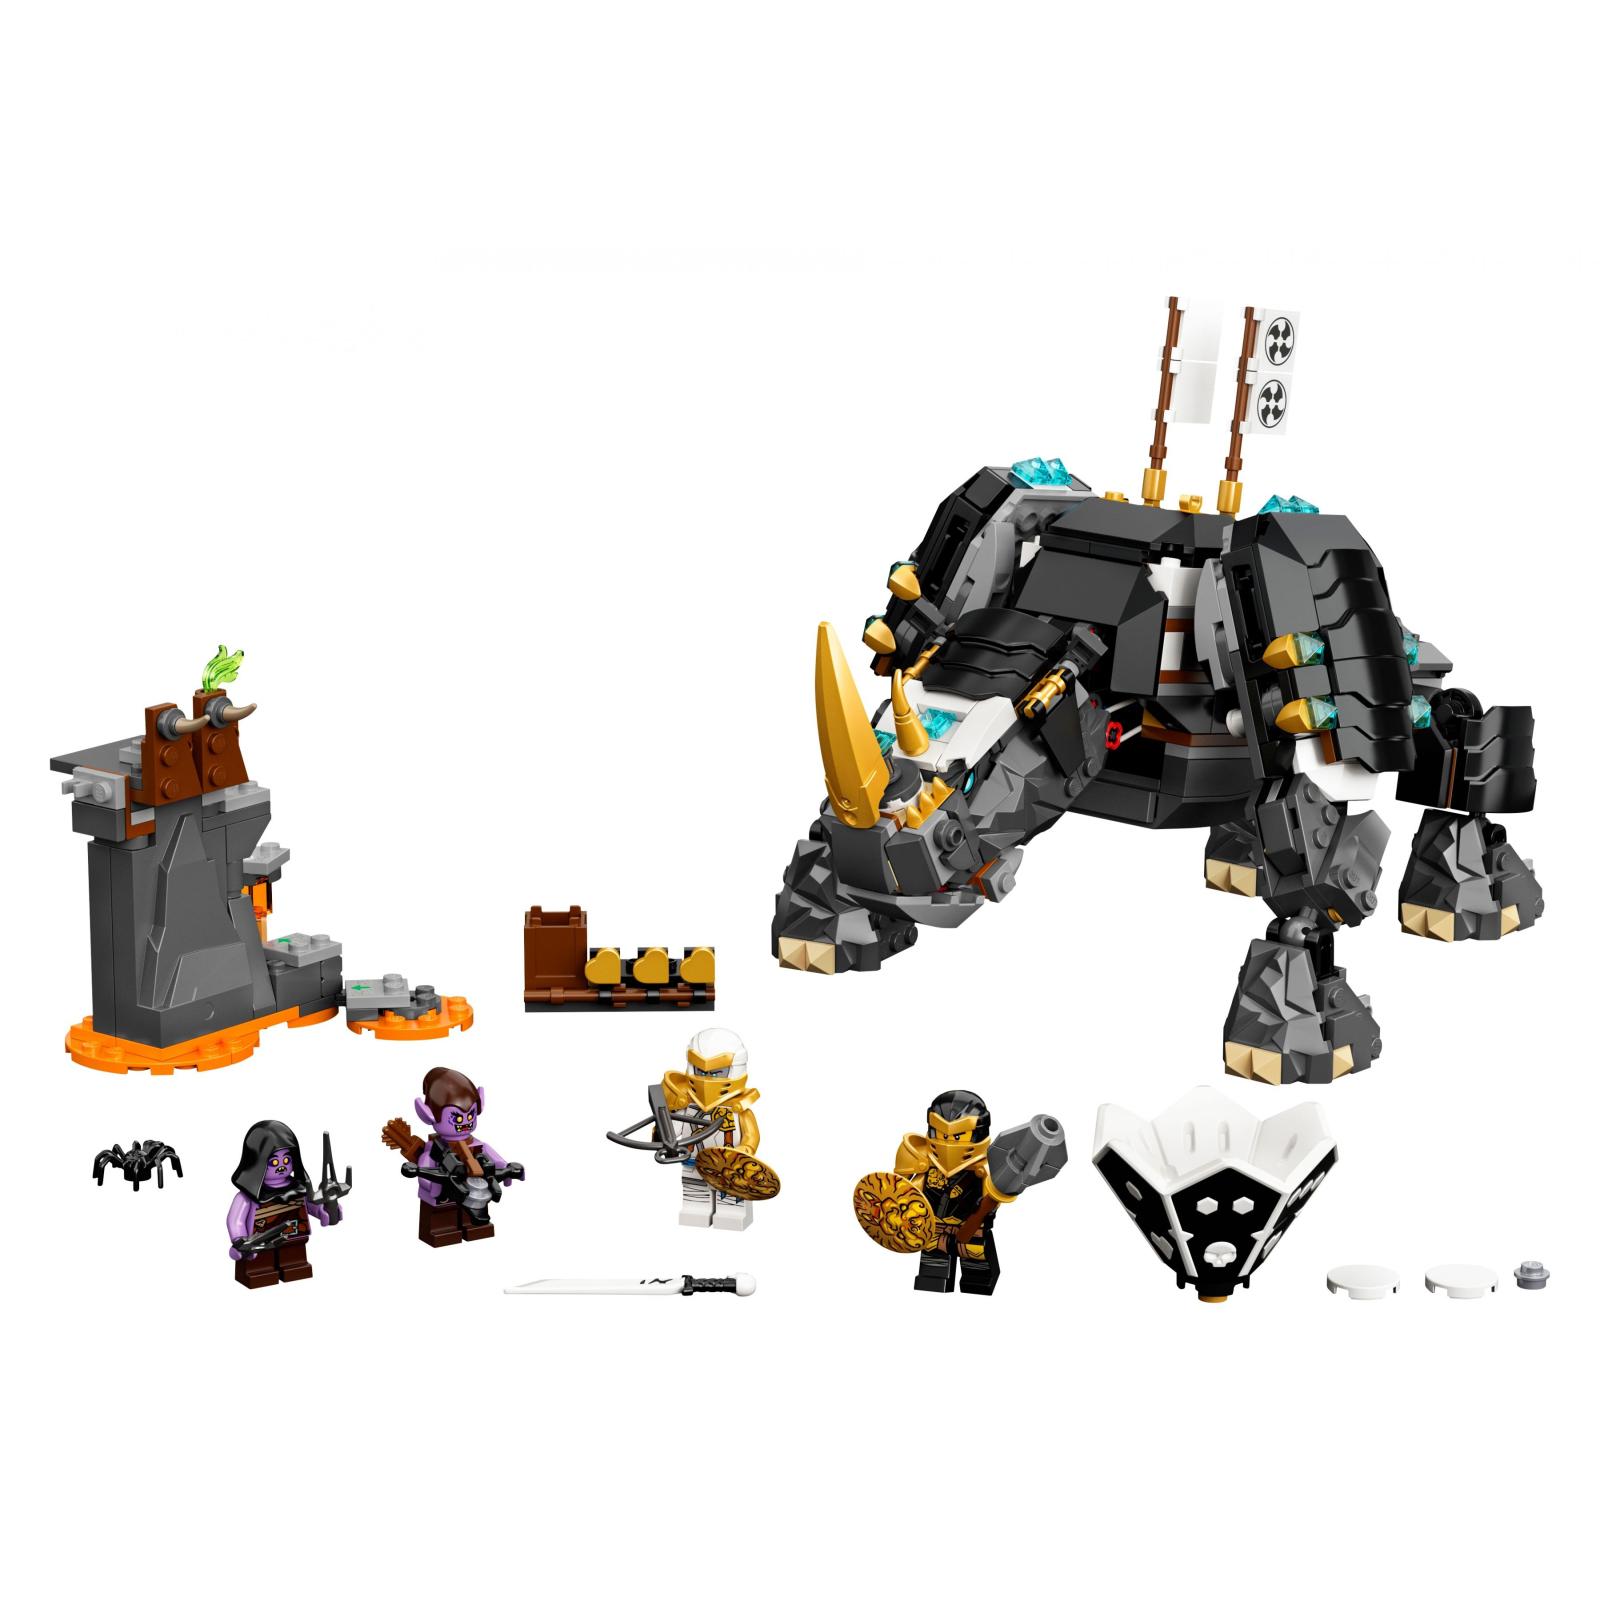 Конструктор LEGO Ninjago Бронированный носорог Зейна 616 деталей (71719) изображение 2